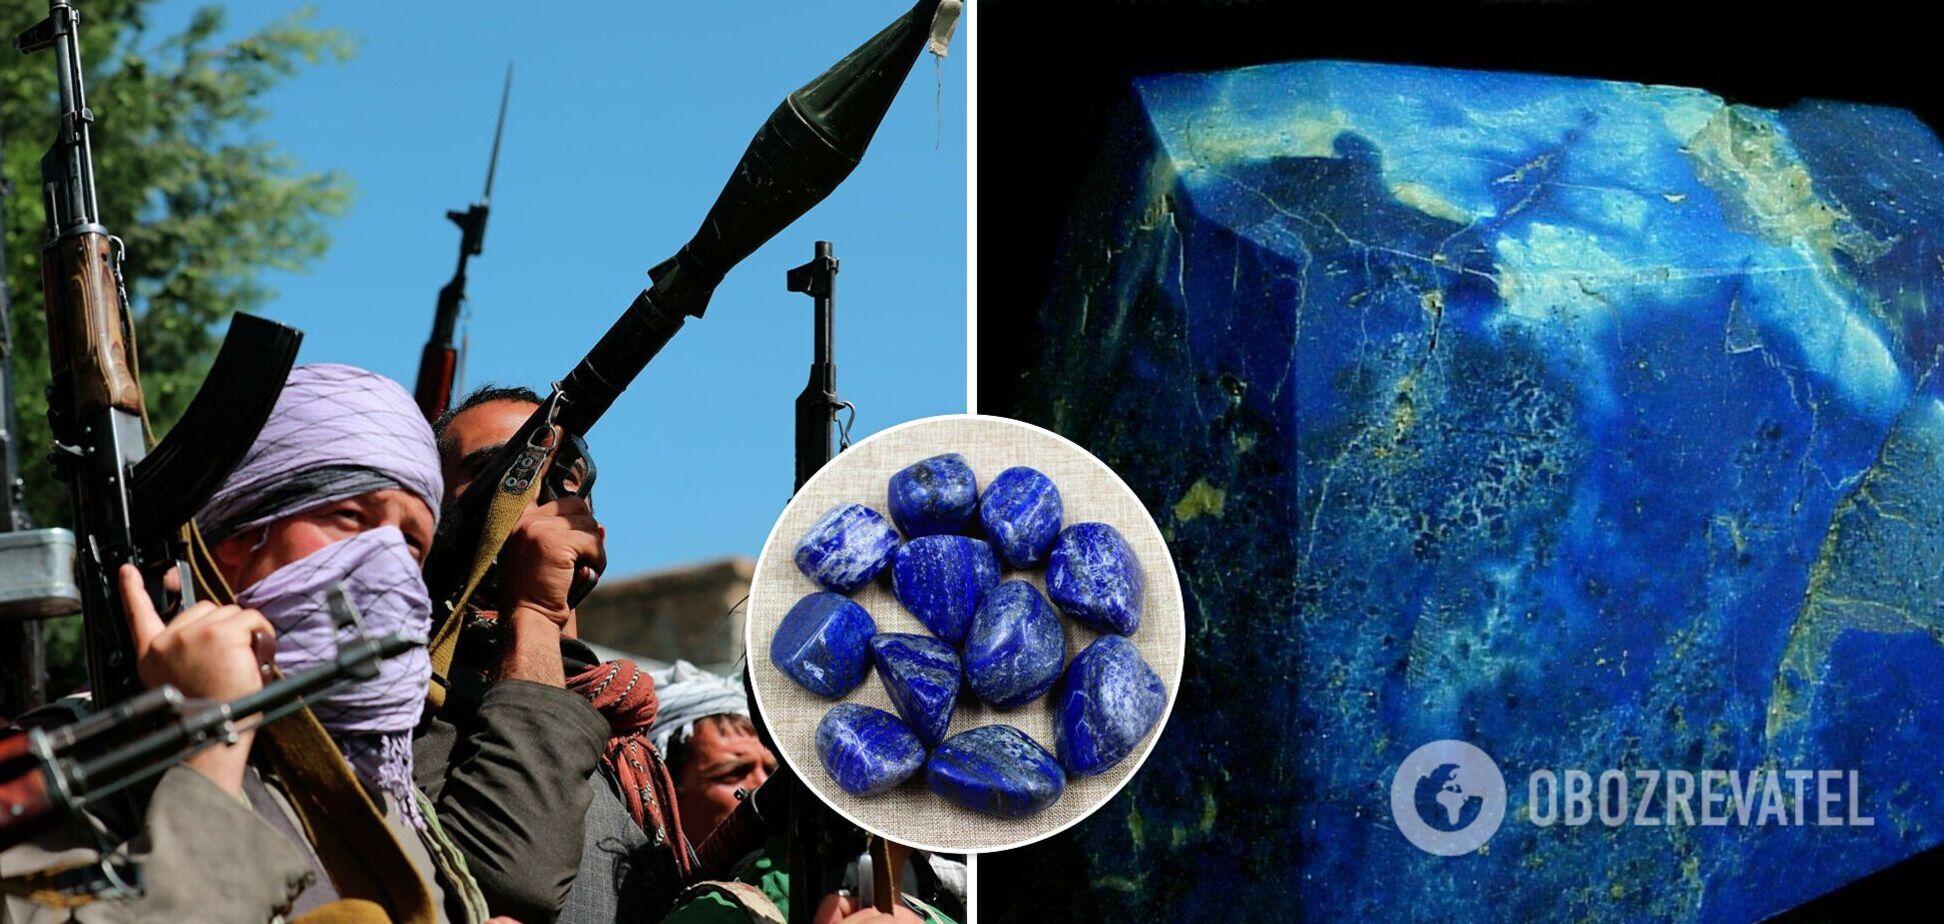 'Талибан' контролирует мировые запасы лазурита: что известно о 'лечебных кристаллах'